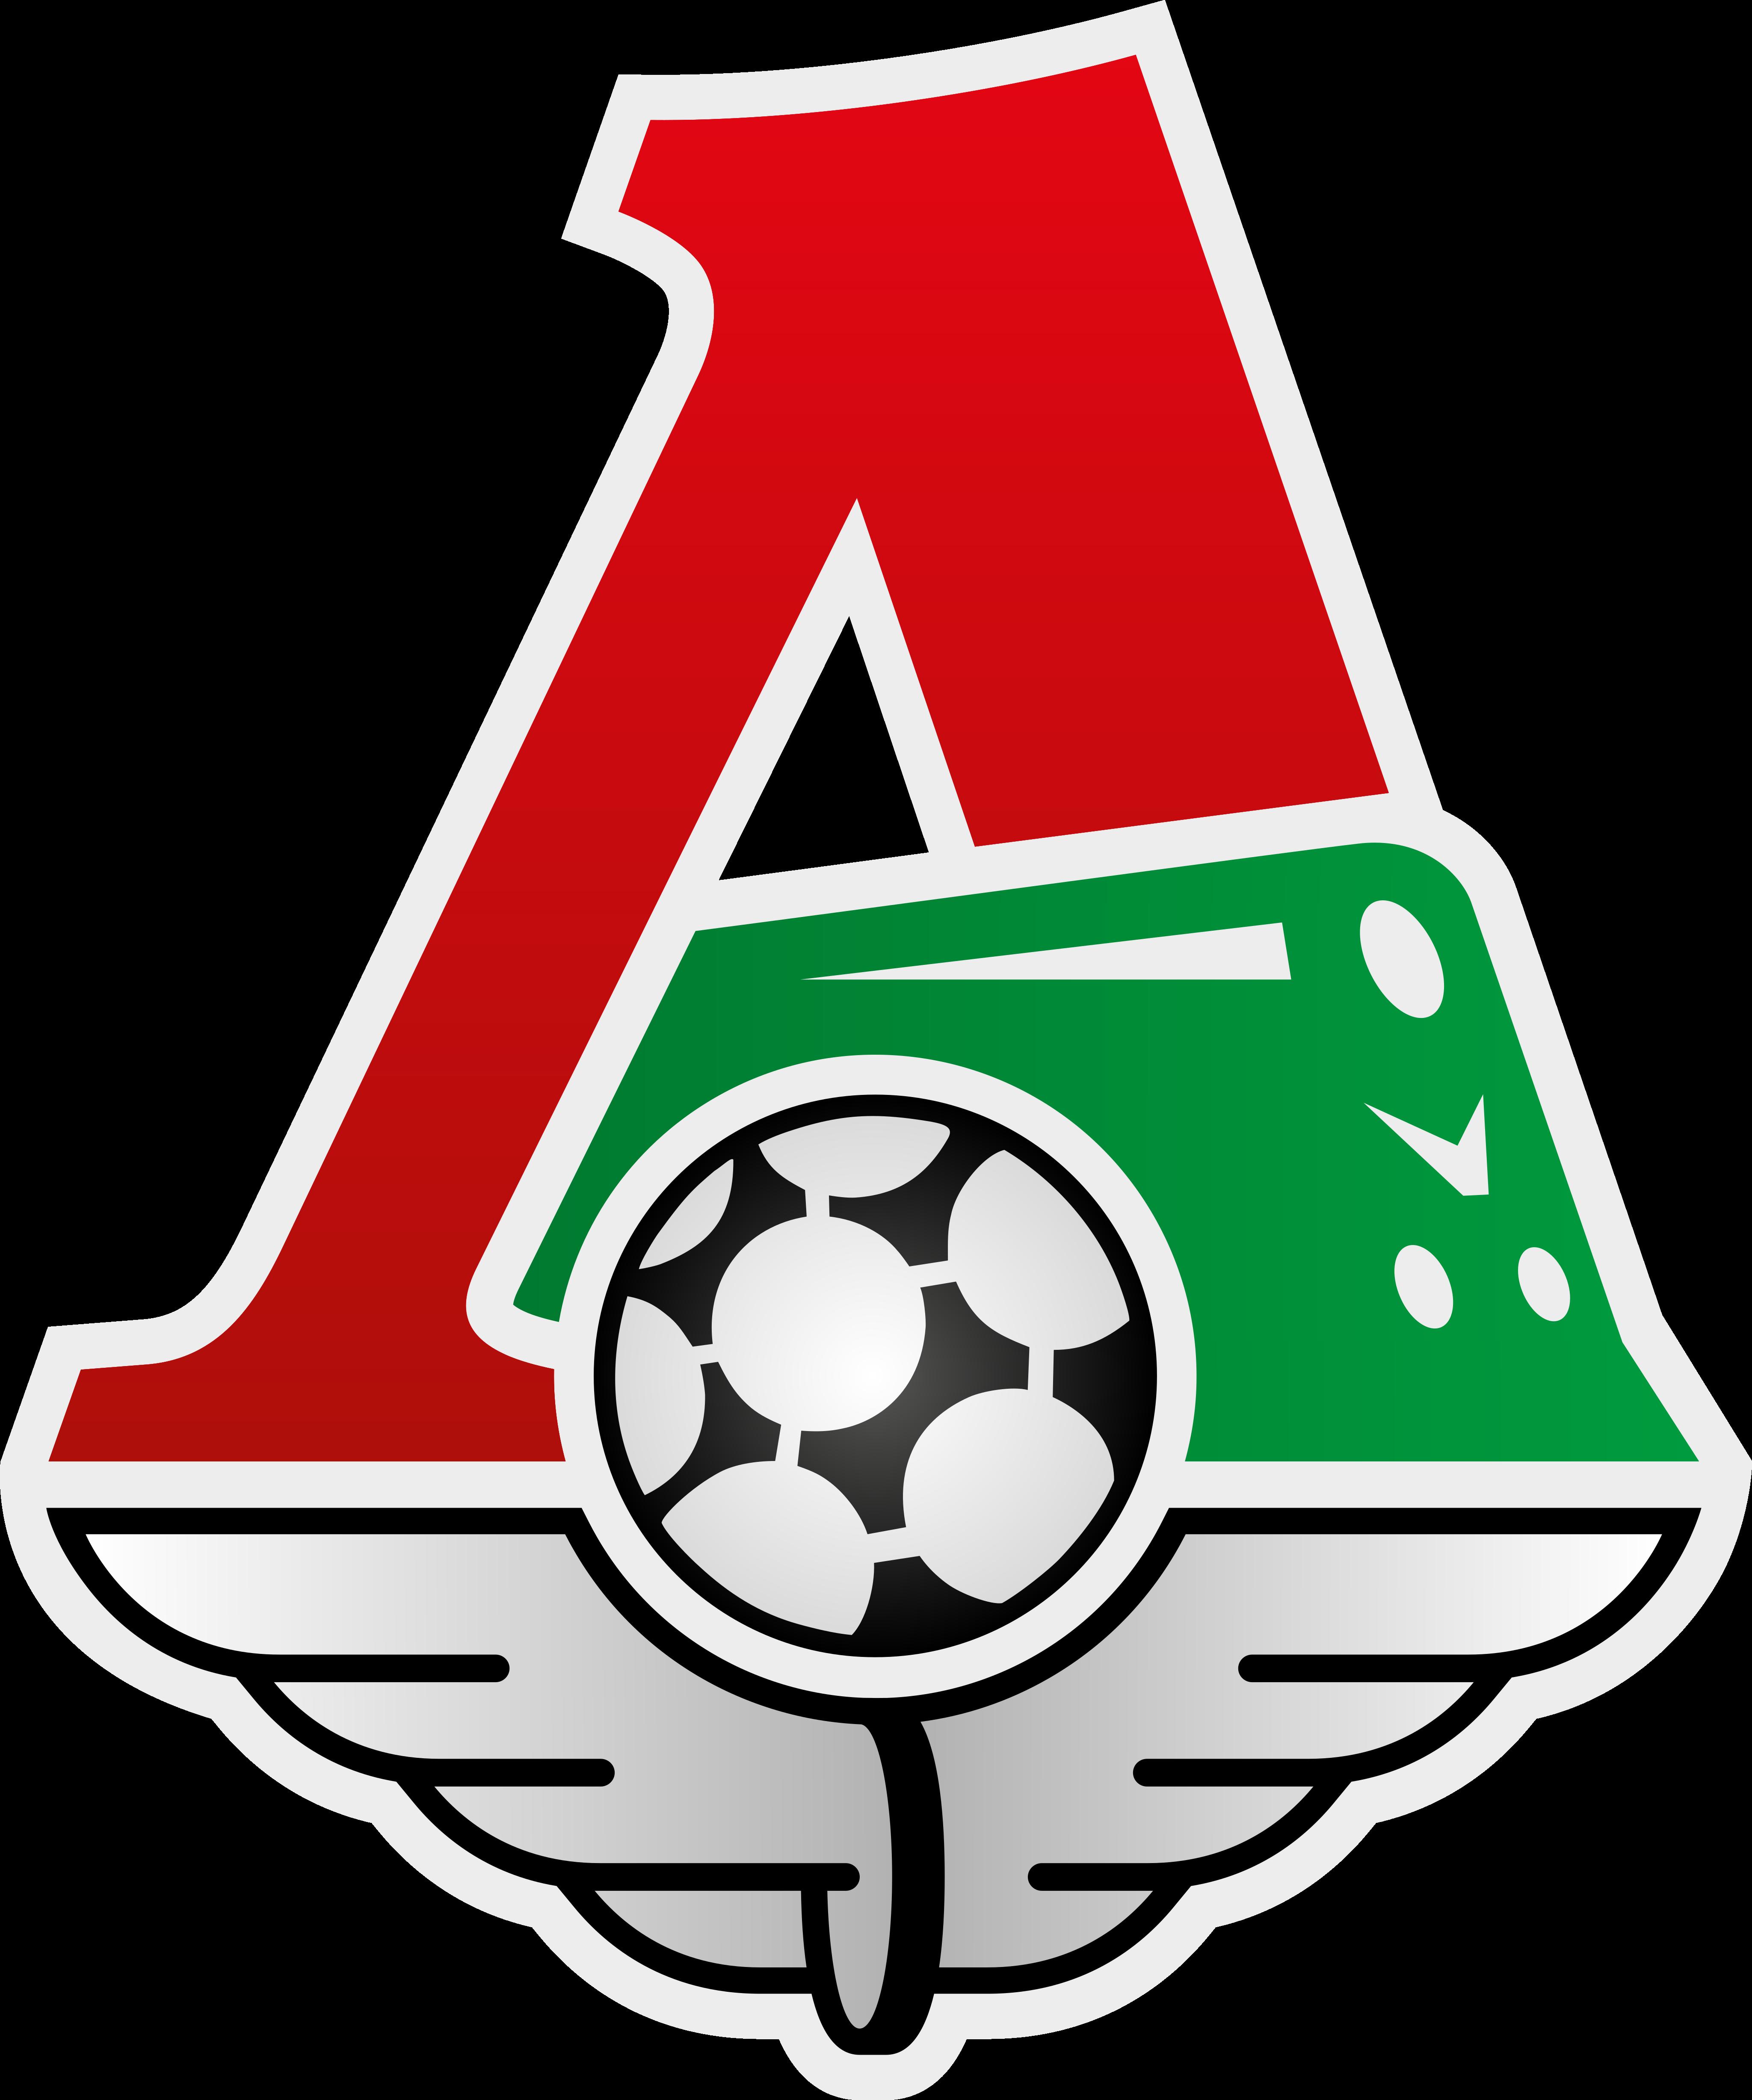 lokomotiv logo - FC Lokomotiv Moscow Logo